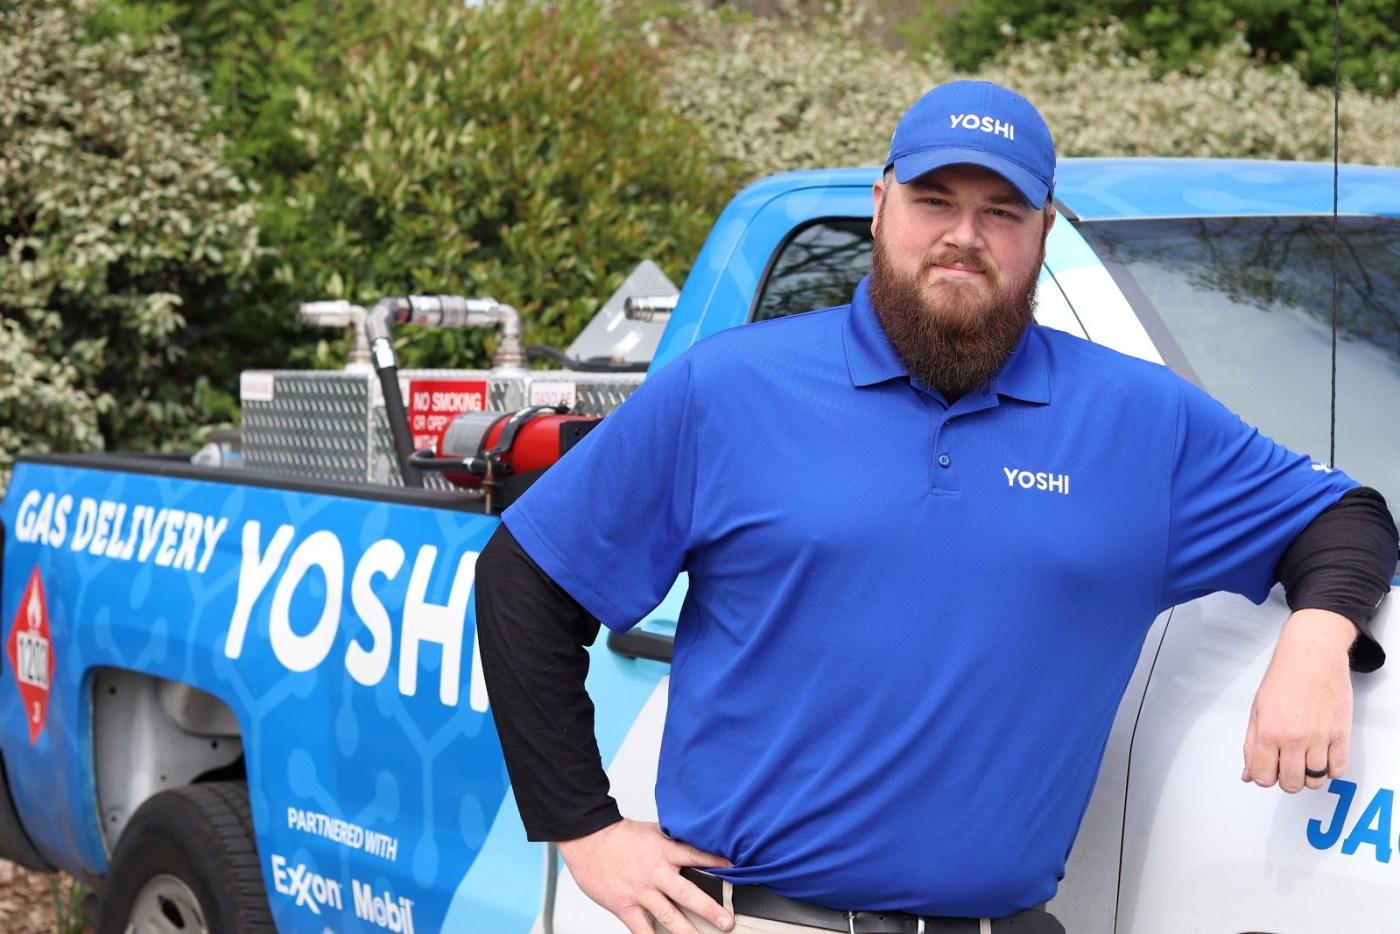 Birmingham, Yoshi, gas delivery